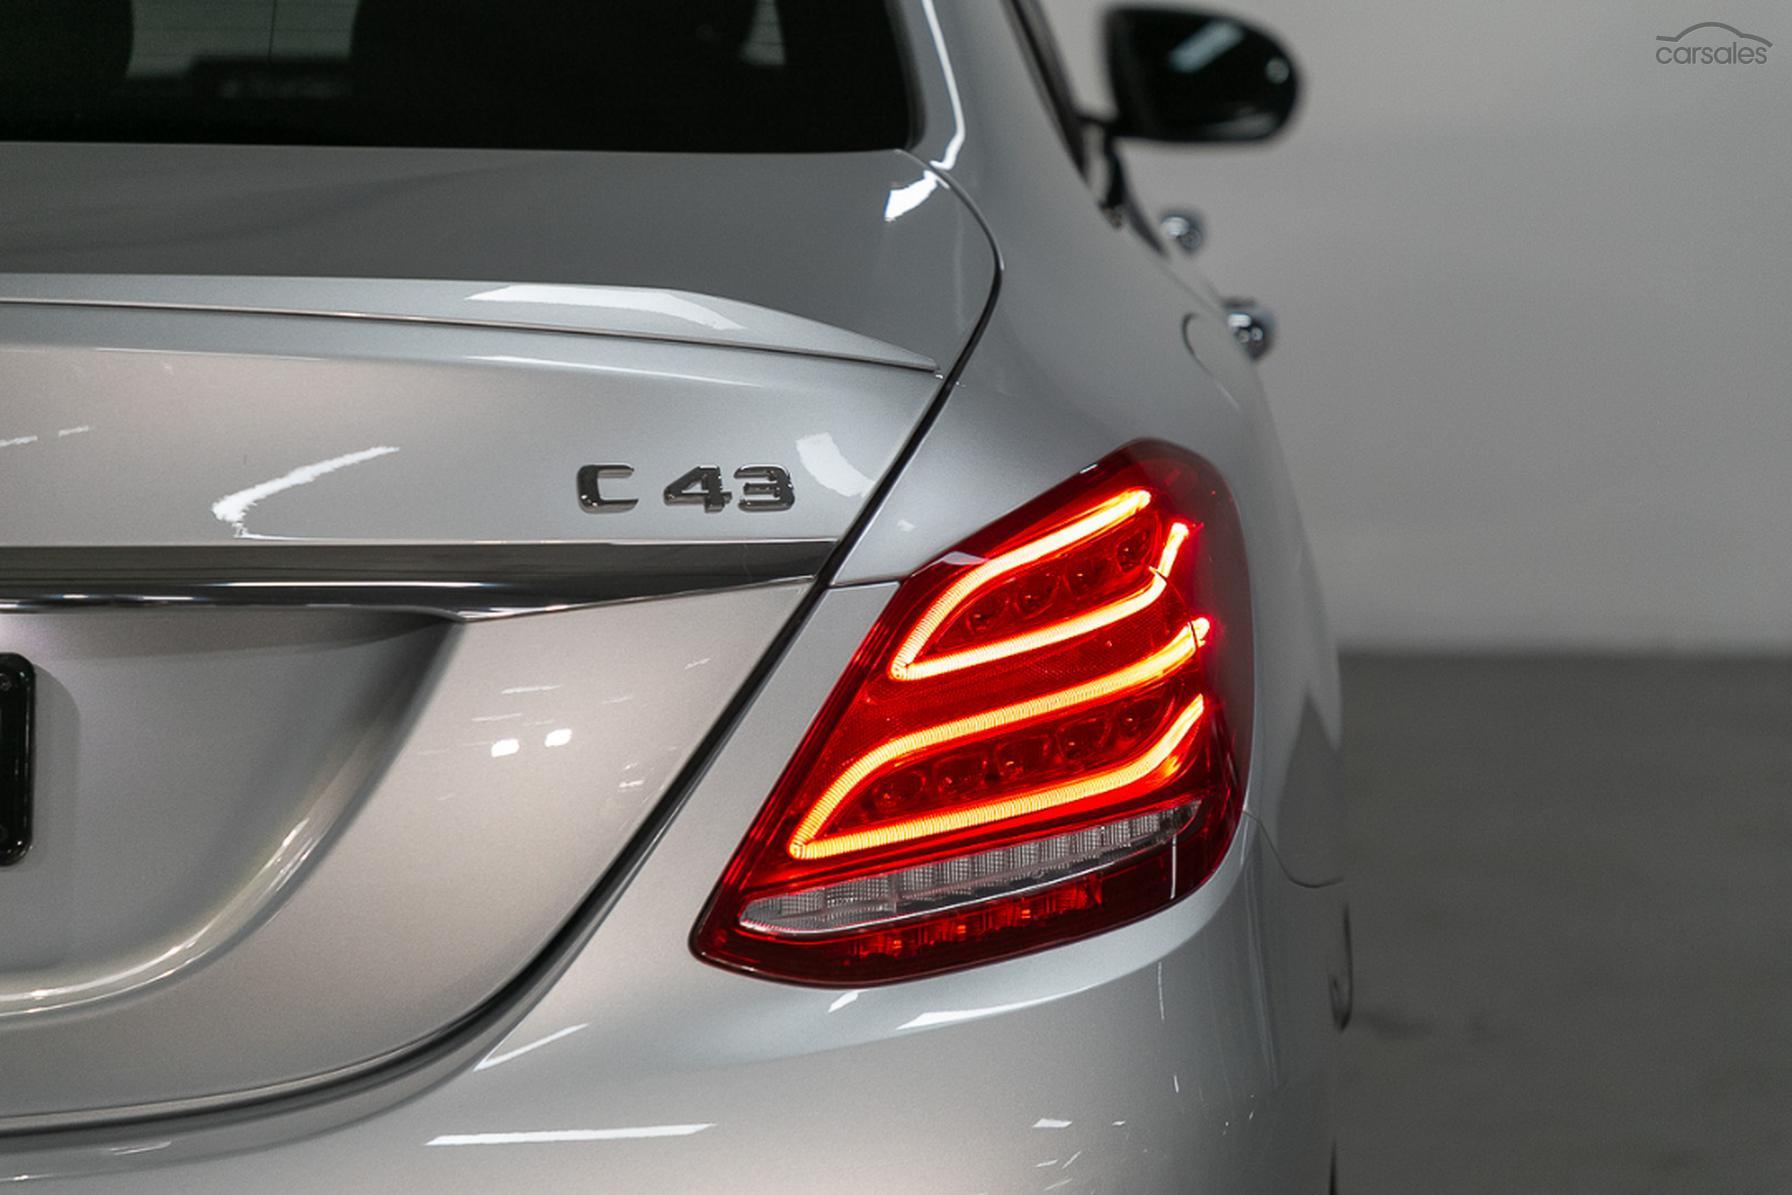 2018 Mercedes Benz C43 Amg Auto 4matic Oag Ad 16409946 Fuel Filter 1998 C4 3